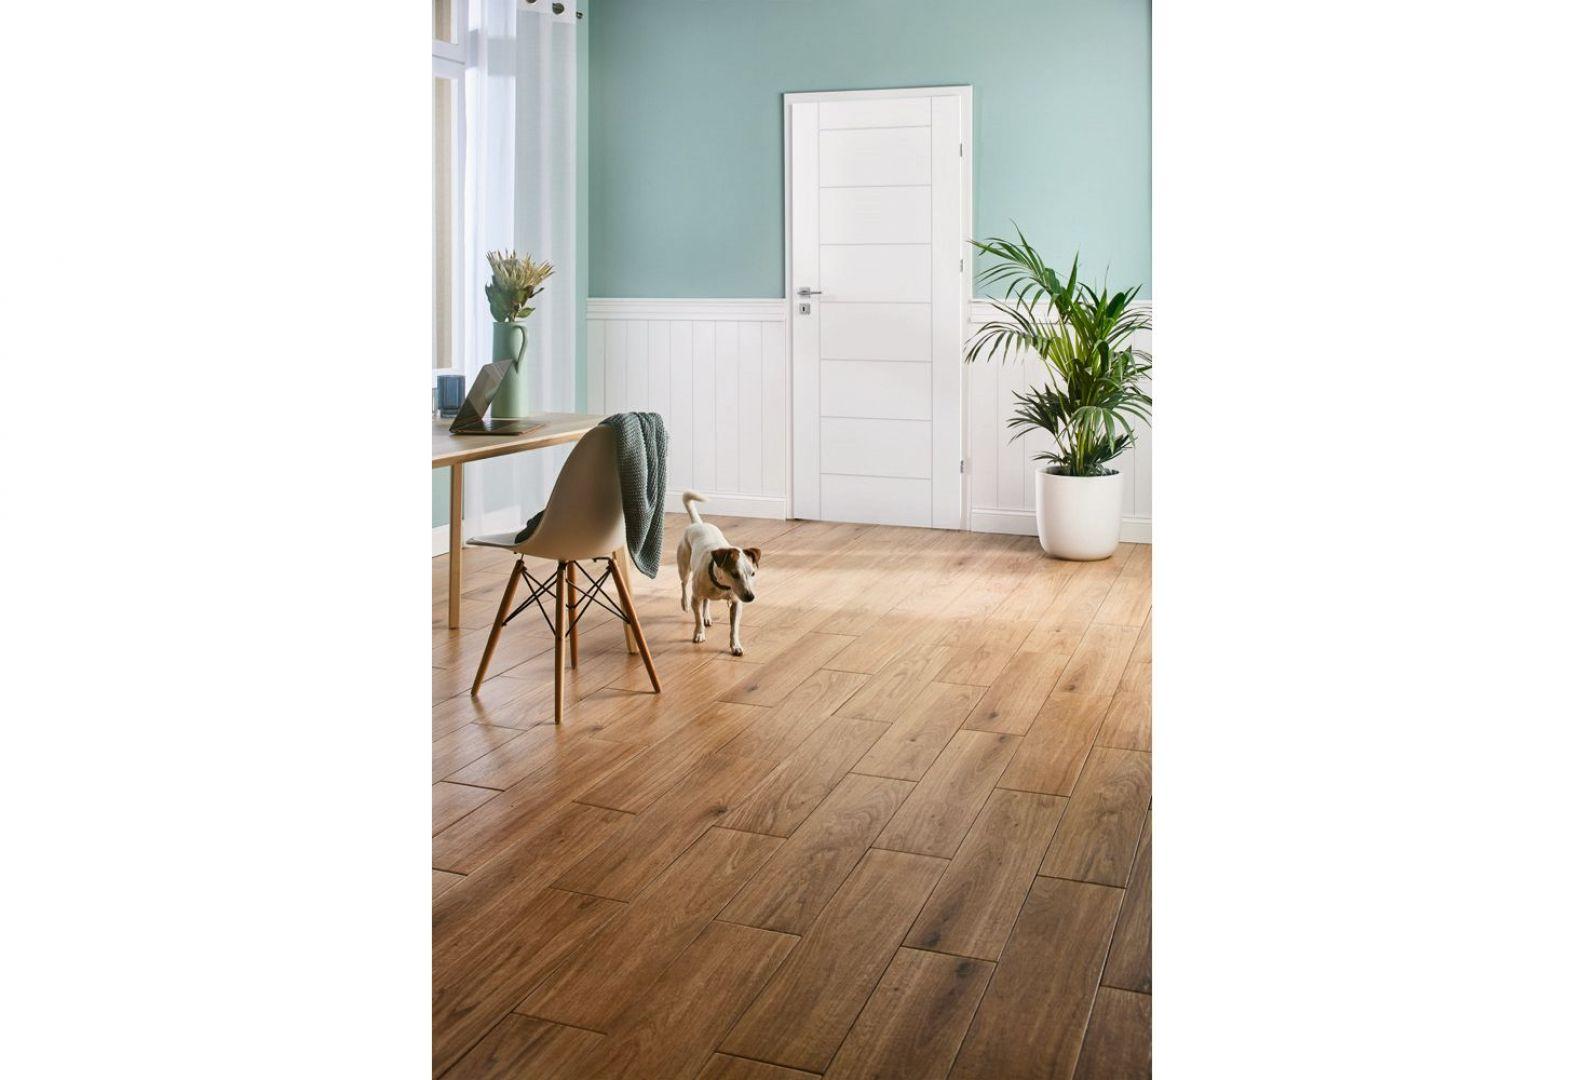 Drzwi pełne z kolekcji Exmoor Sette w kolorze białym. Dostępne w sklepie Castorama. Cena: 268 zł. Fot. Castorama